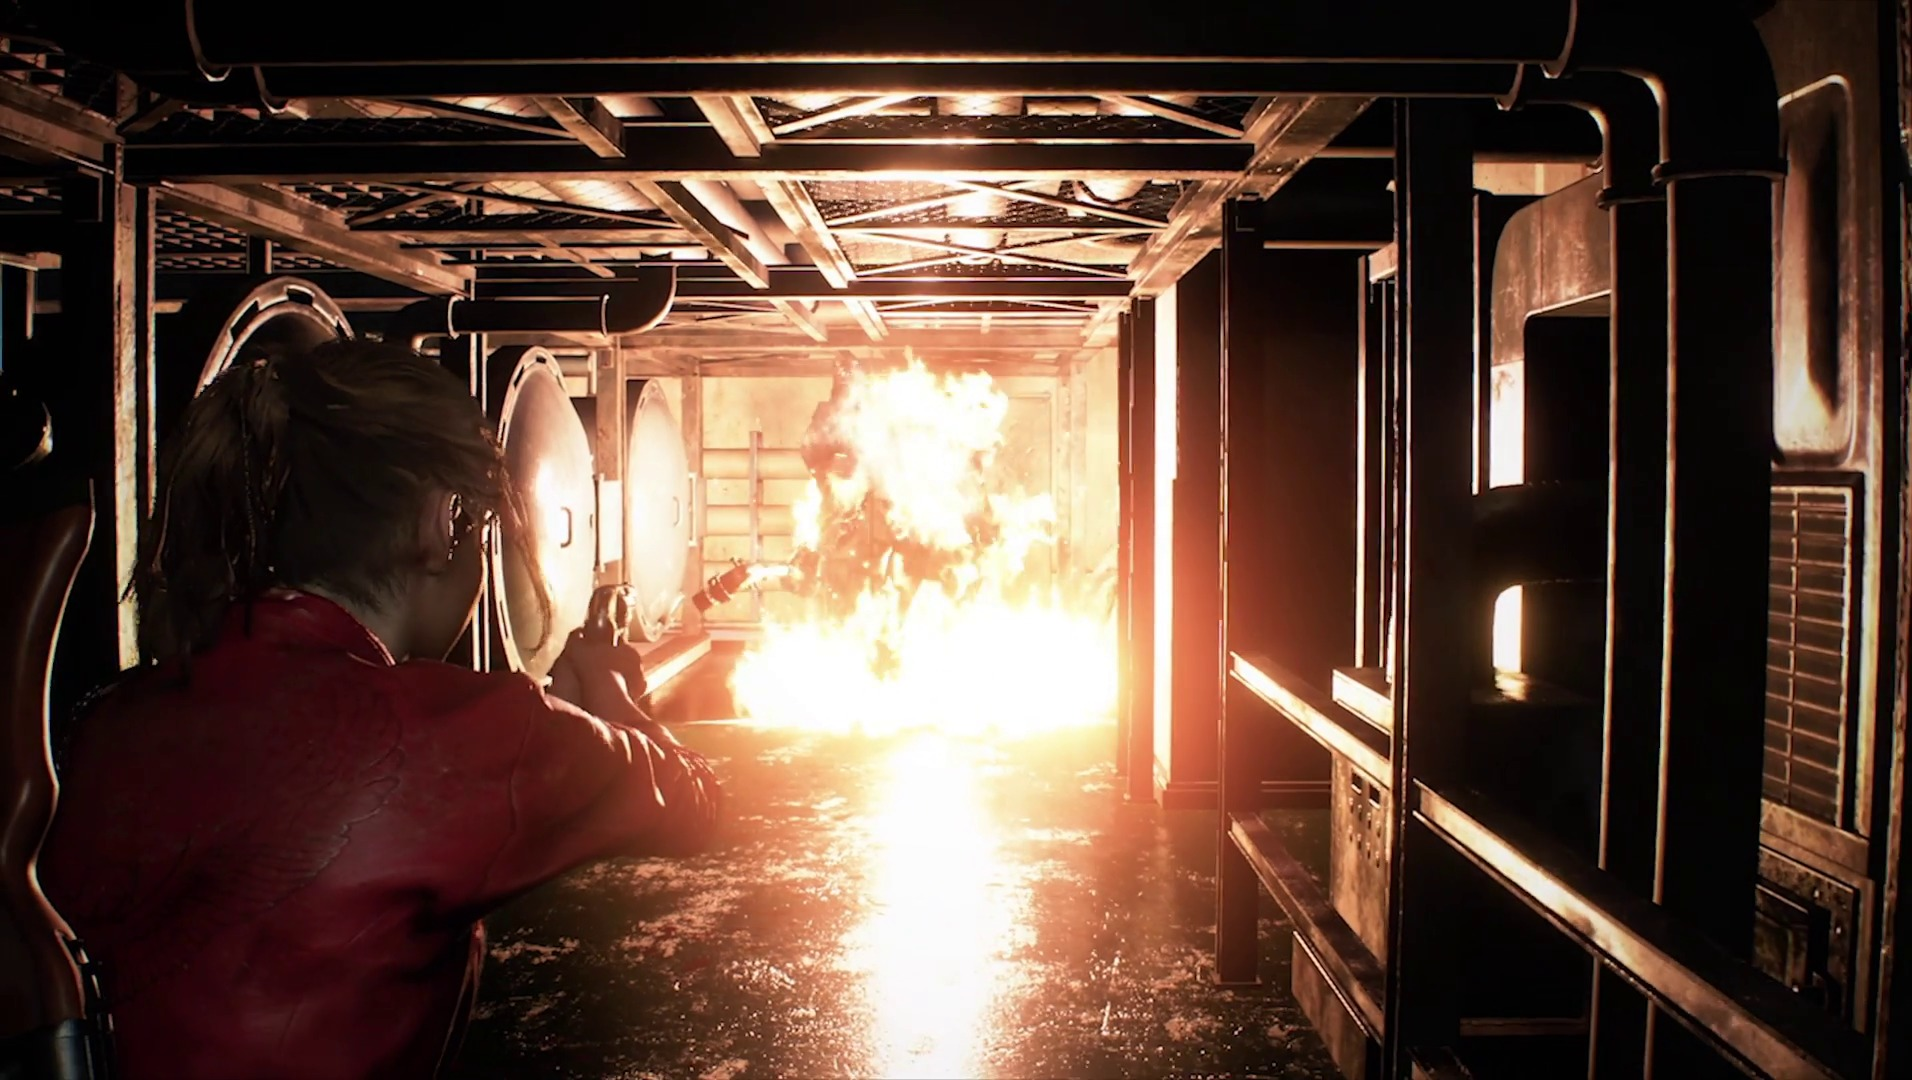 G brûle dans des flammes d'une grenade incendiaire.